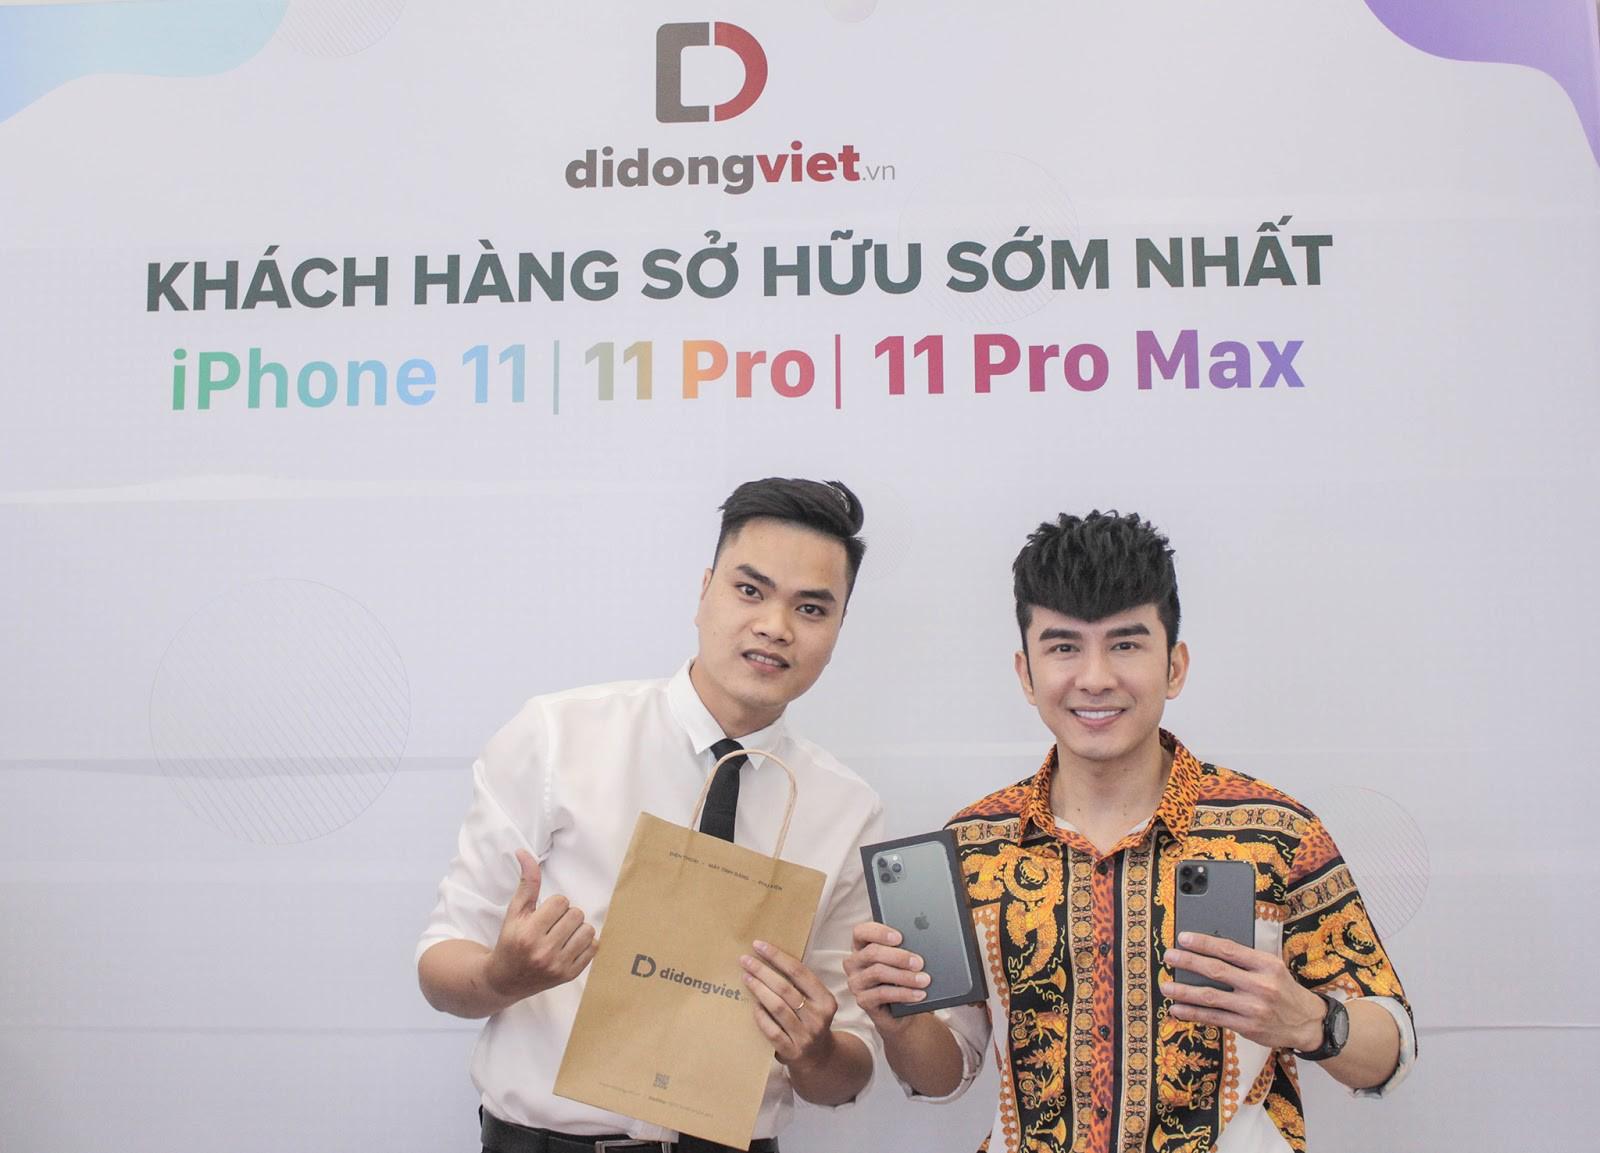 Anh Bo Đan Trường bất ngờ đến Di Động Việt để tậu iPhone 11 Pro Max - Ảnh 1.